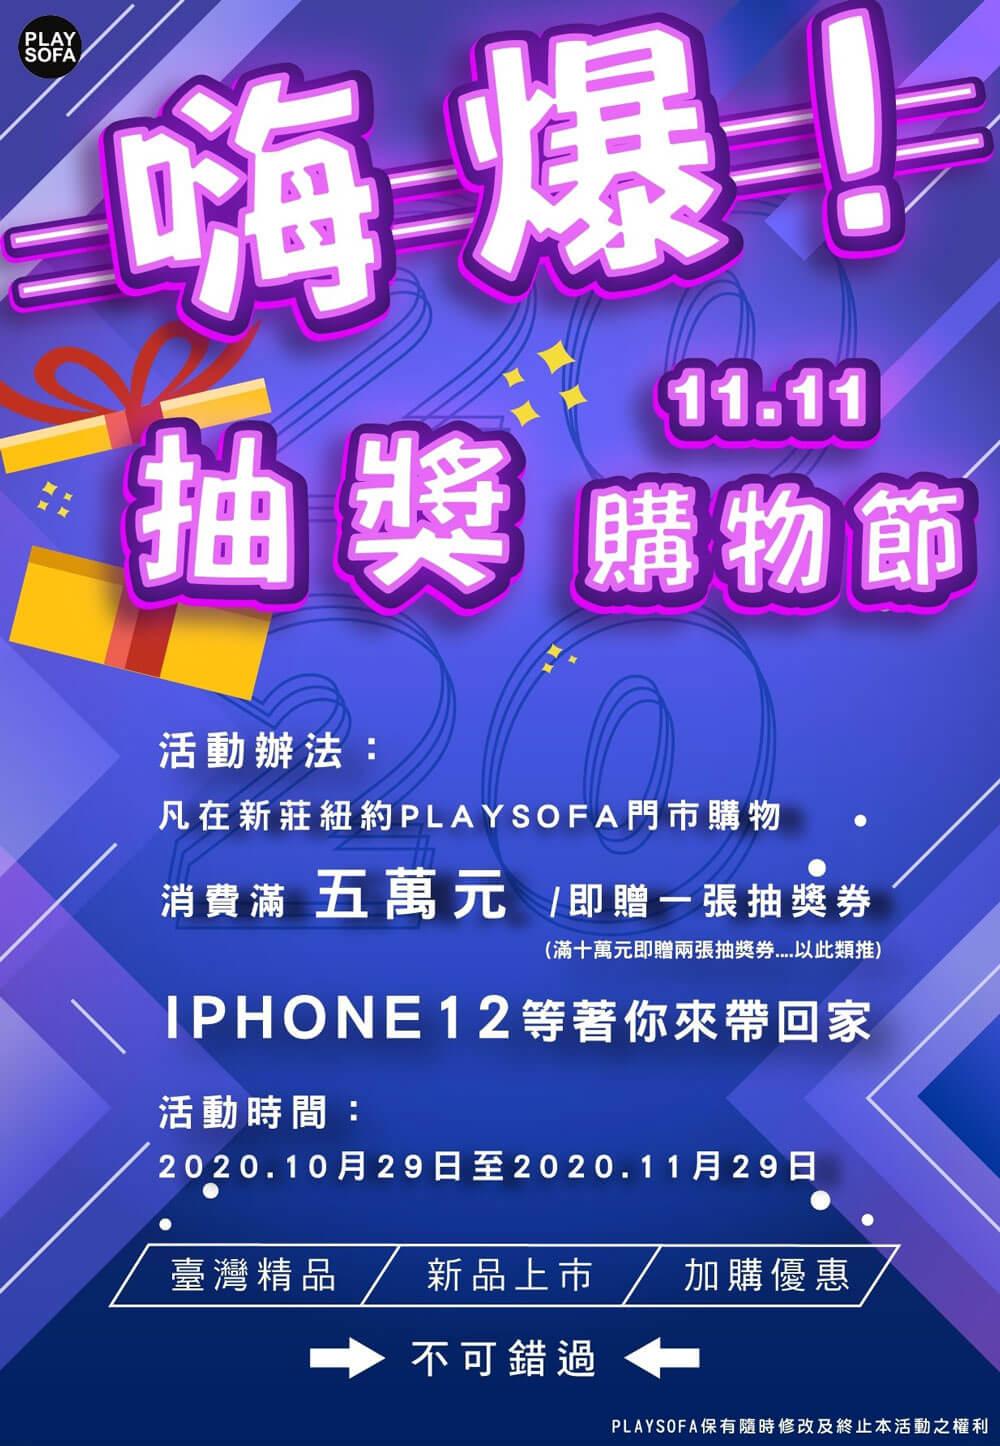 雙11活動 滿額抽IPHONE12